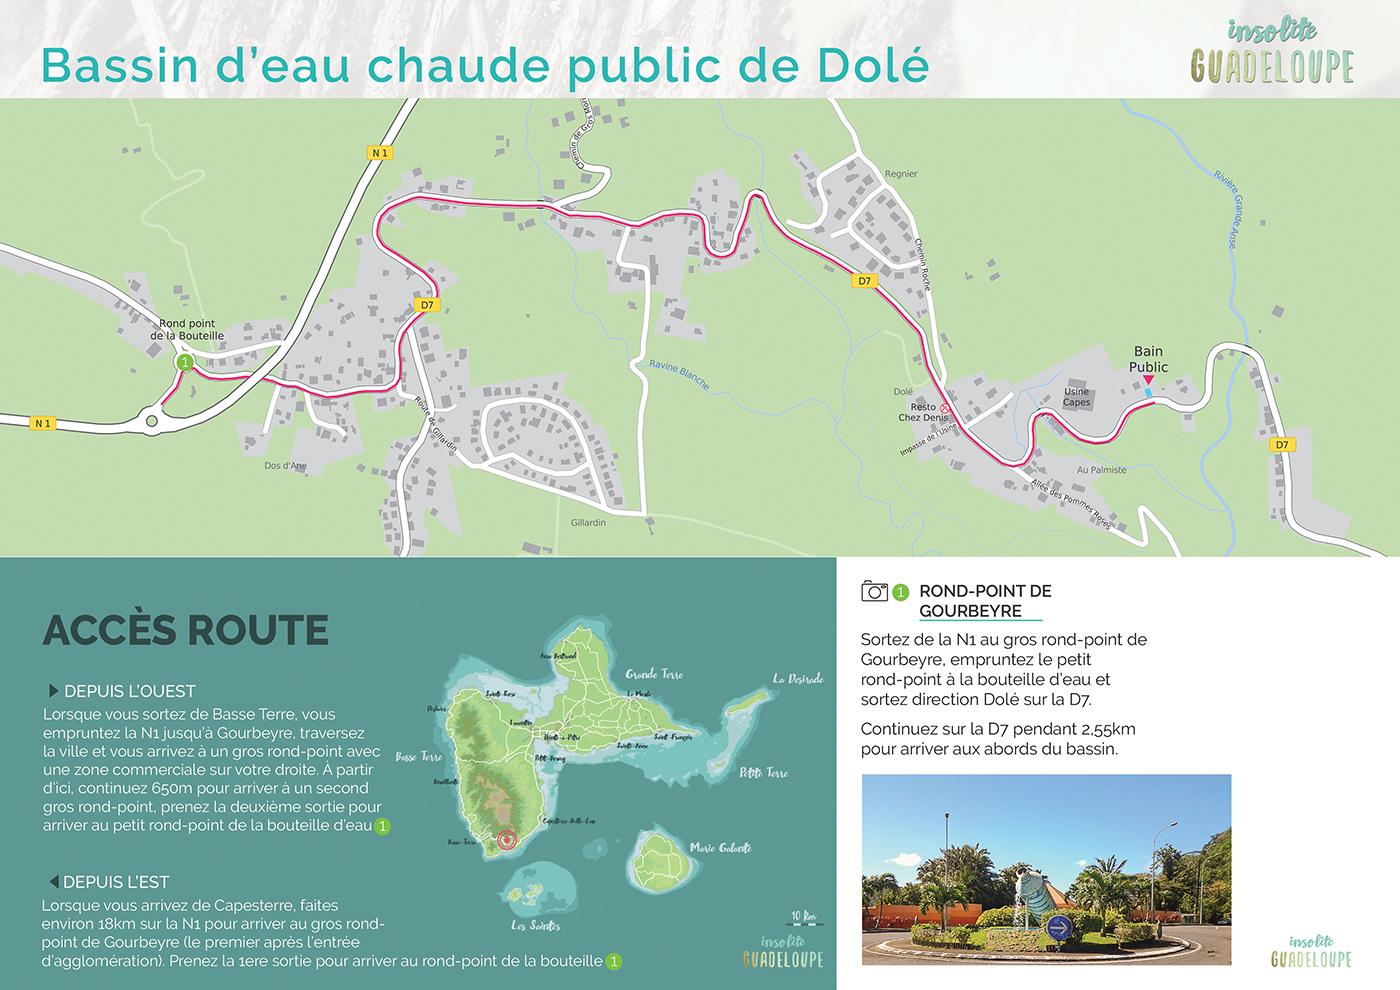 Carte acces route bain d'eau chaude public de Dolé-web